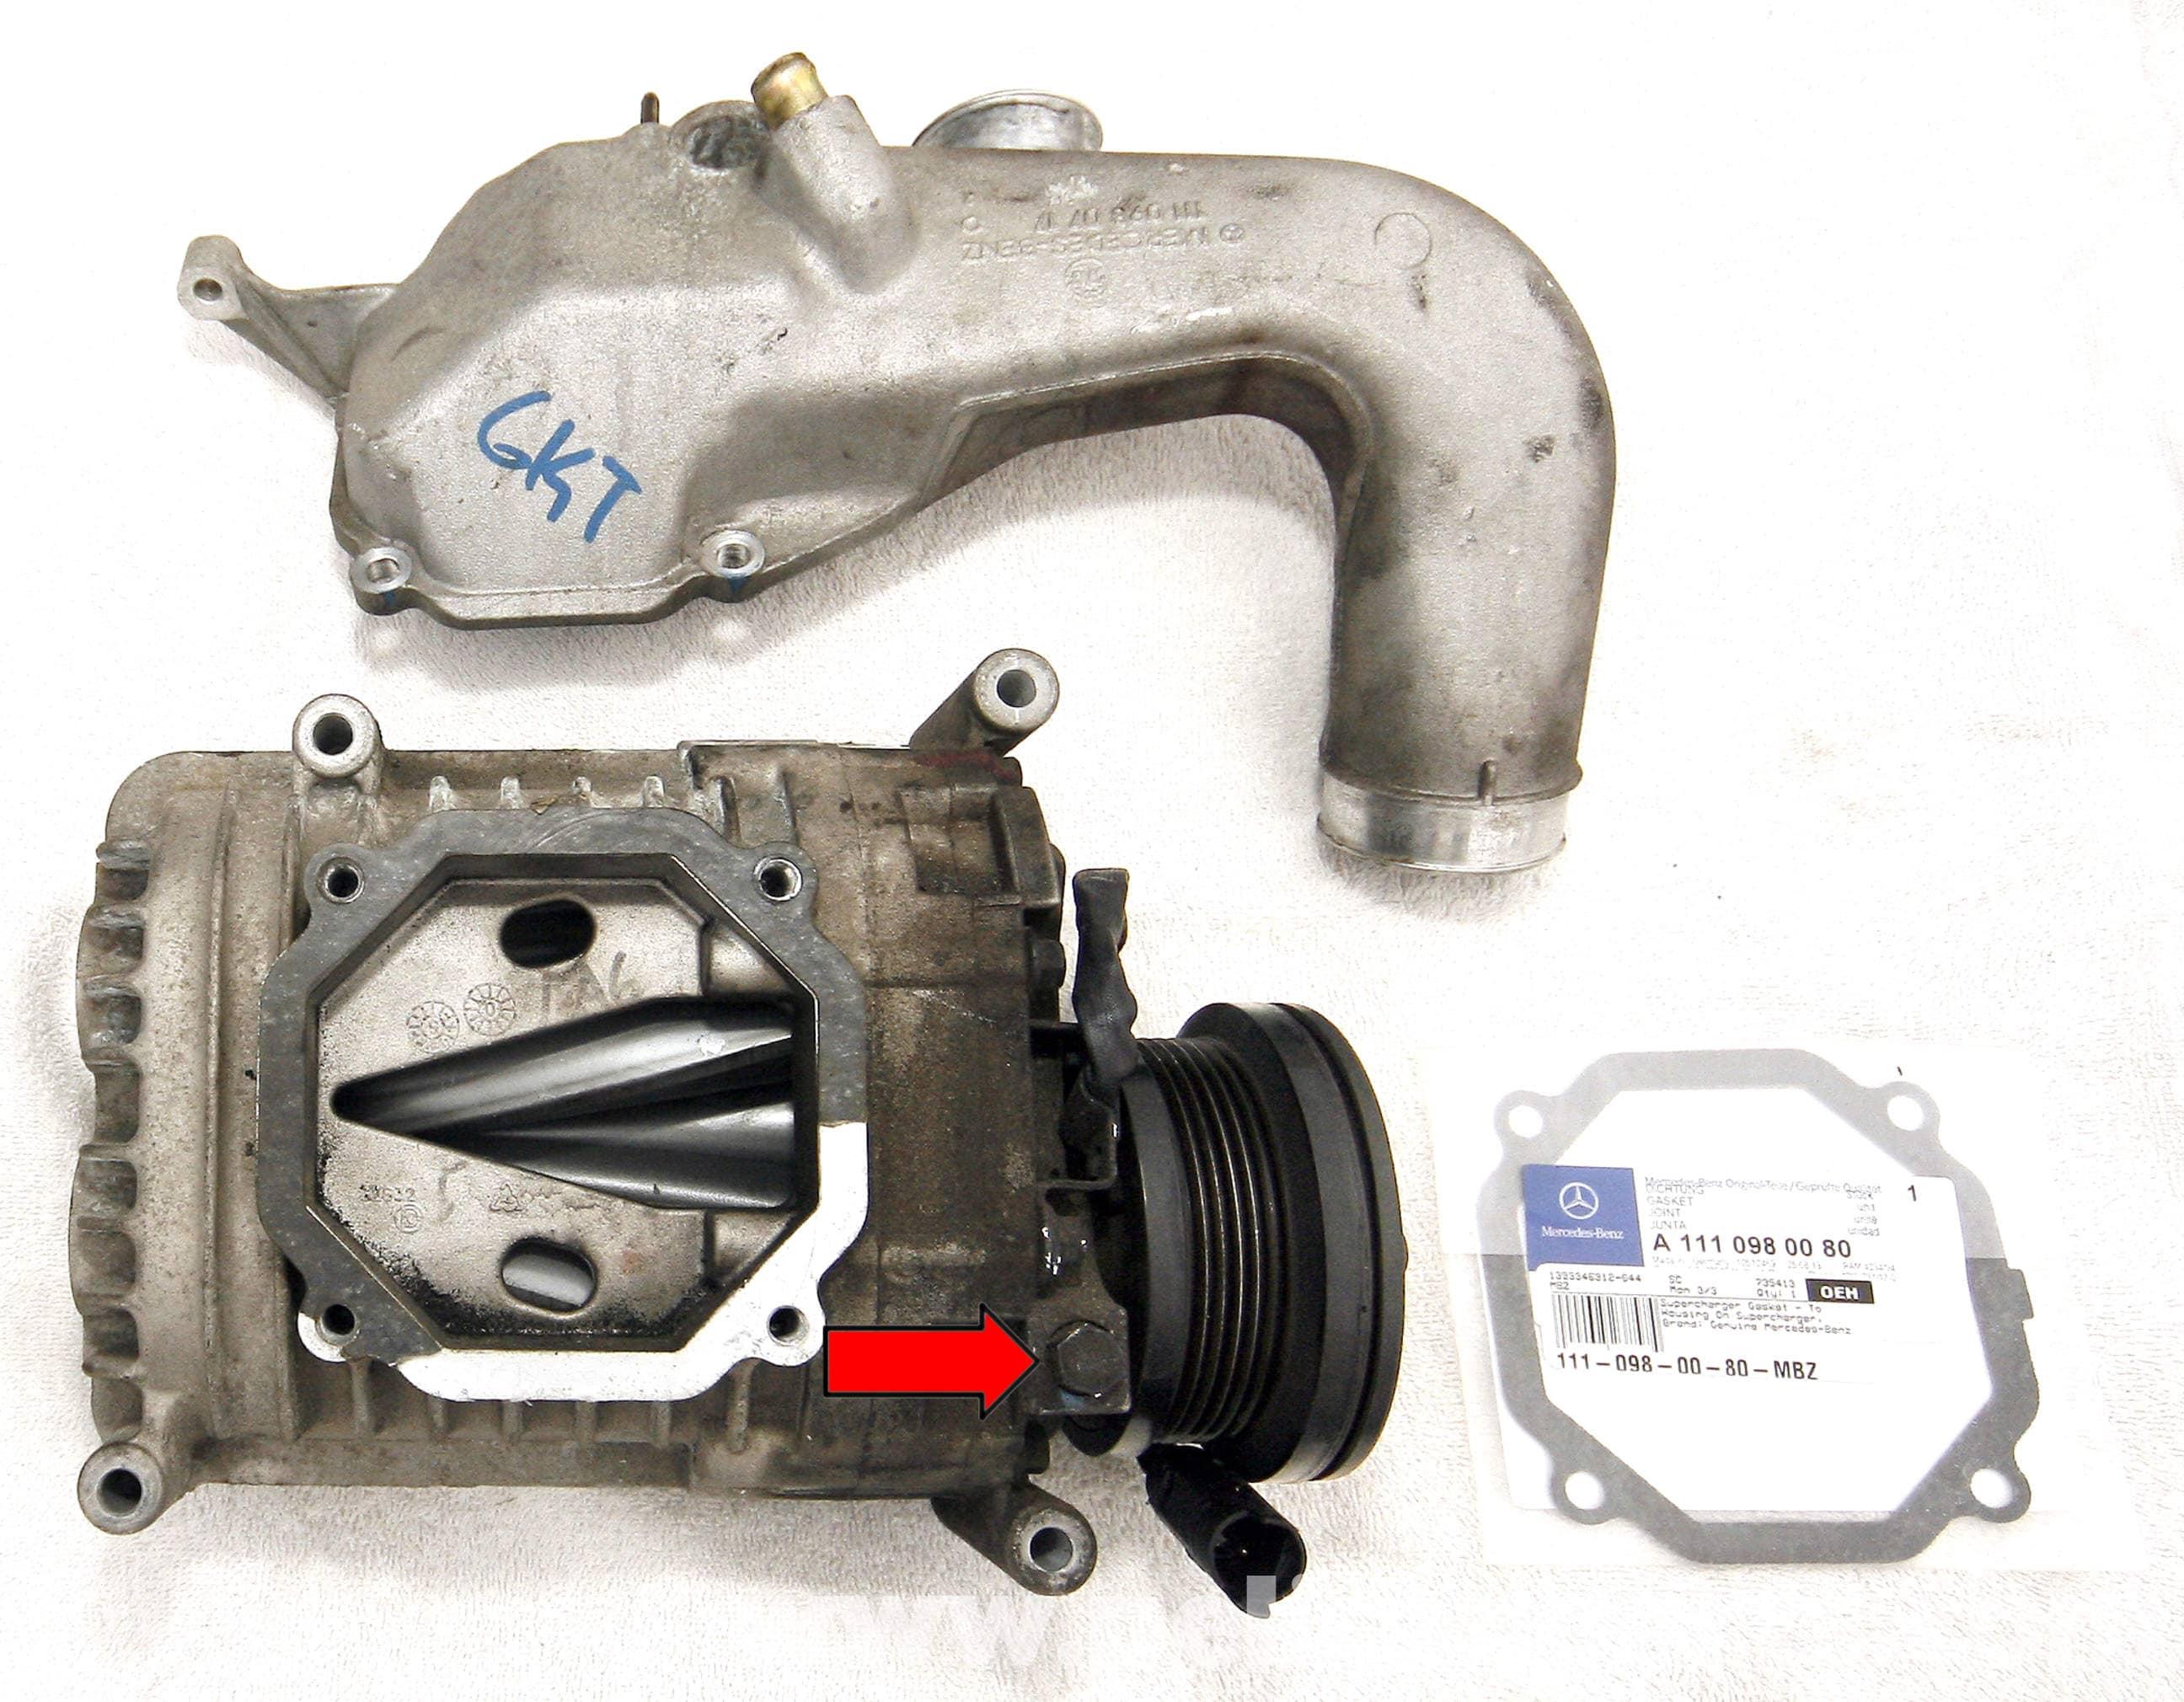 Mercedes benz slk 230 supercharger oil change 1998 2004 for Mercedes benz slk 230 kompressor parts